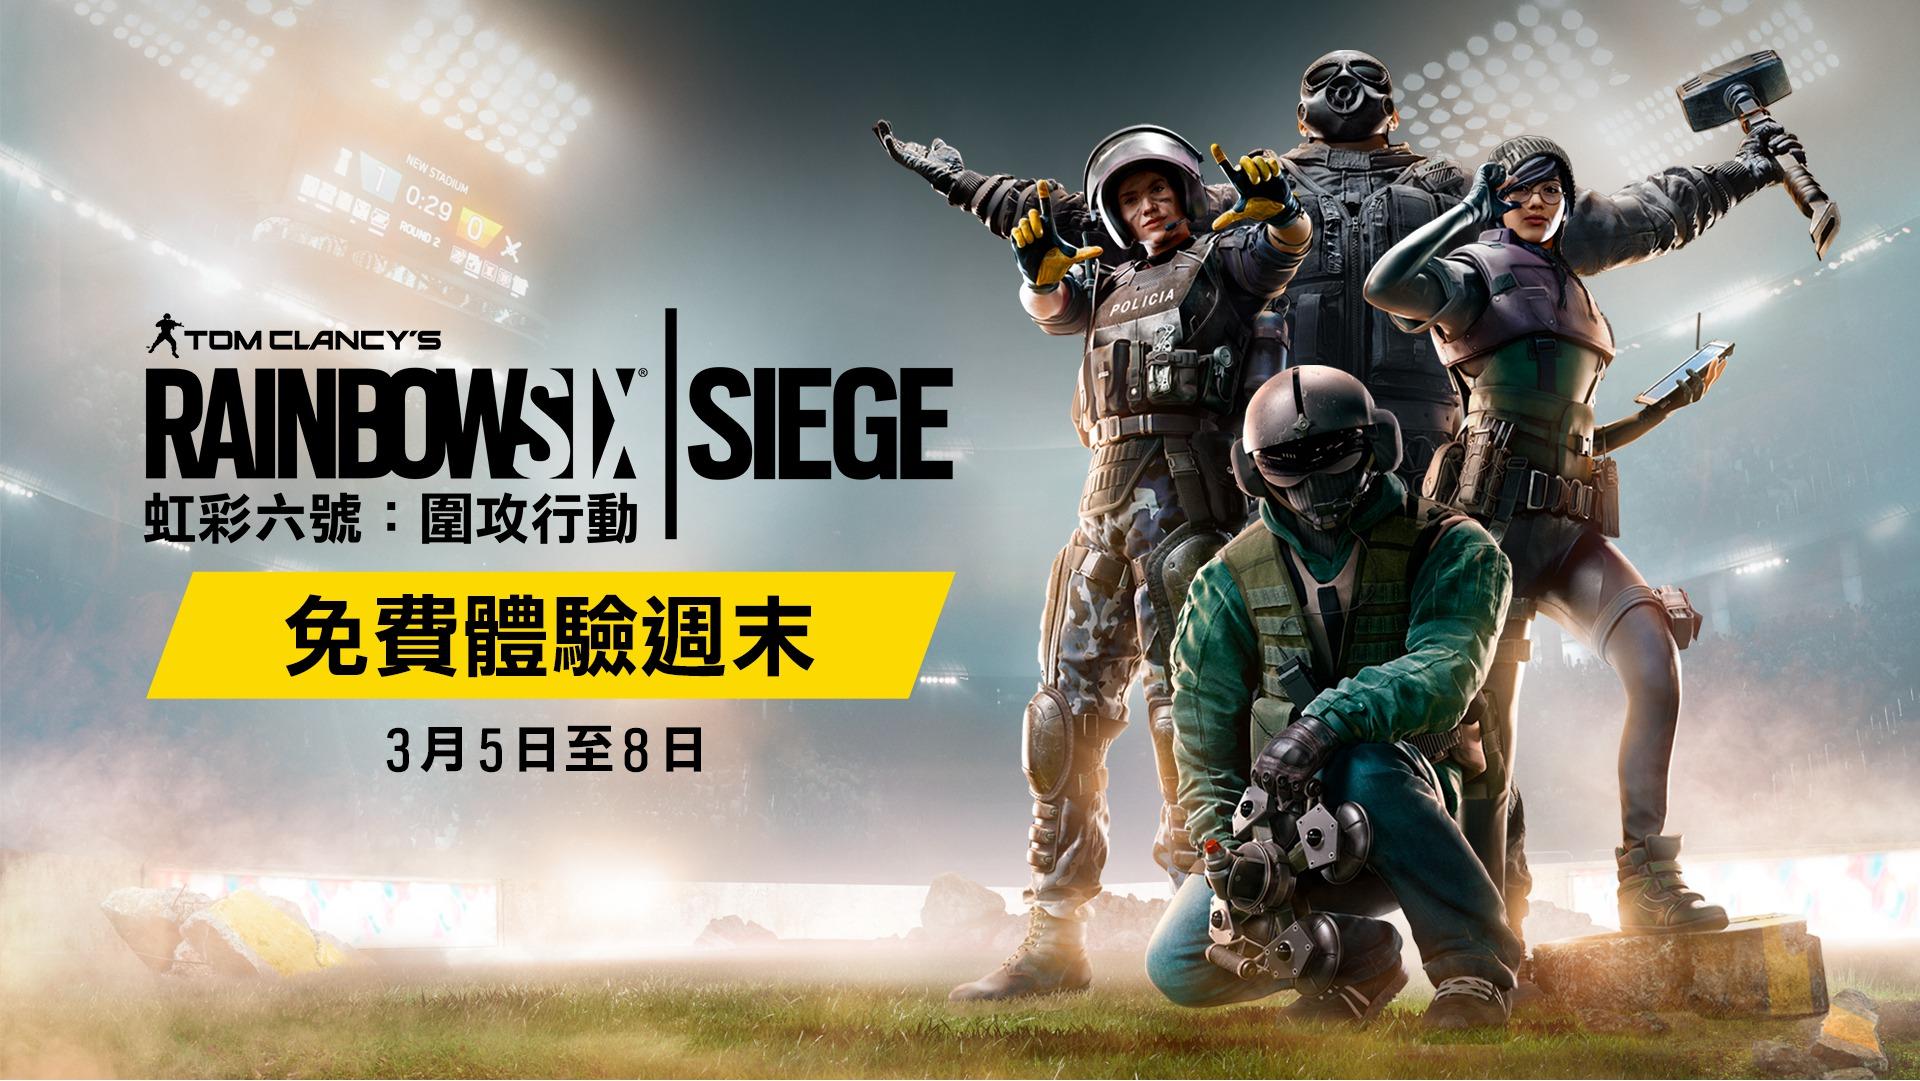 【線上見】《虹彩六號:圍攻行動》週末免費玩開始.限時優惠低至3折起